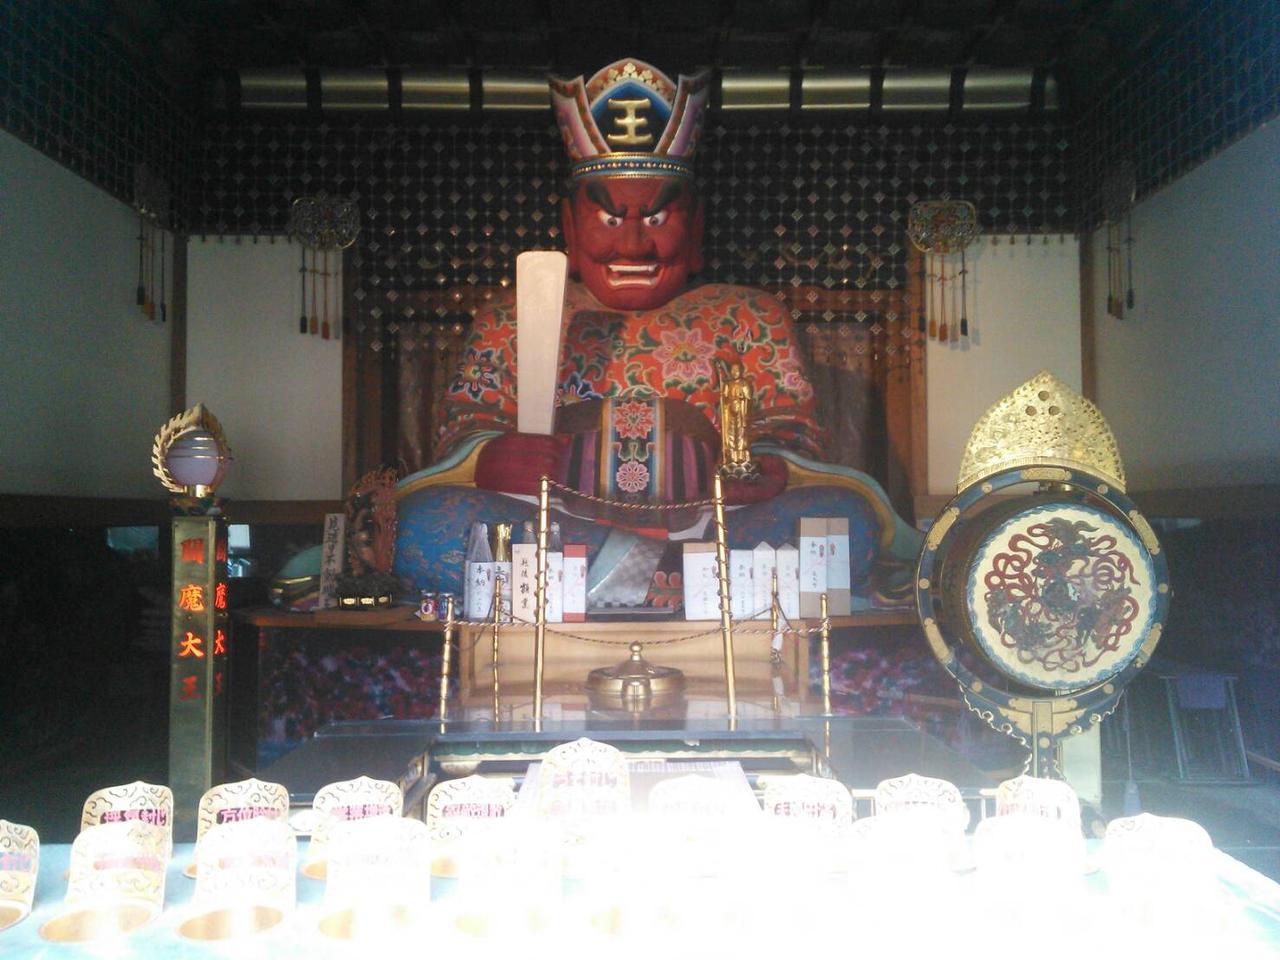 画像2: 小さなエリアにまとまった日本らしい観光地